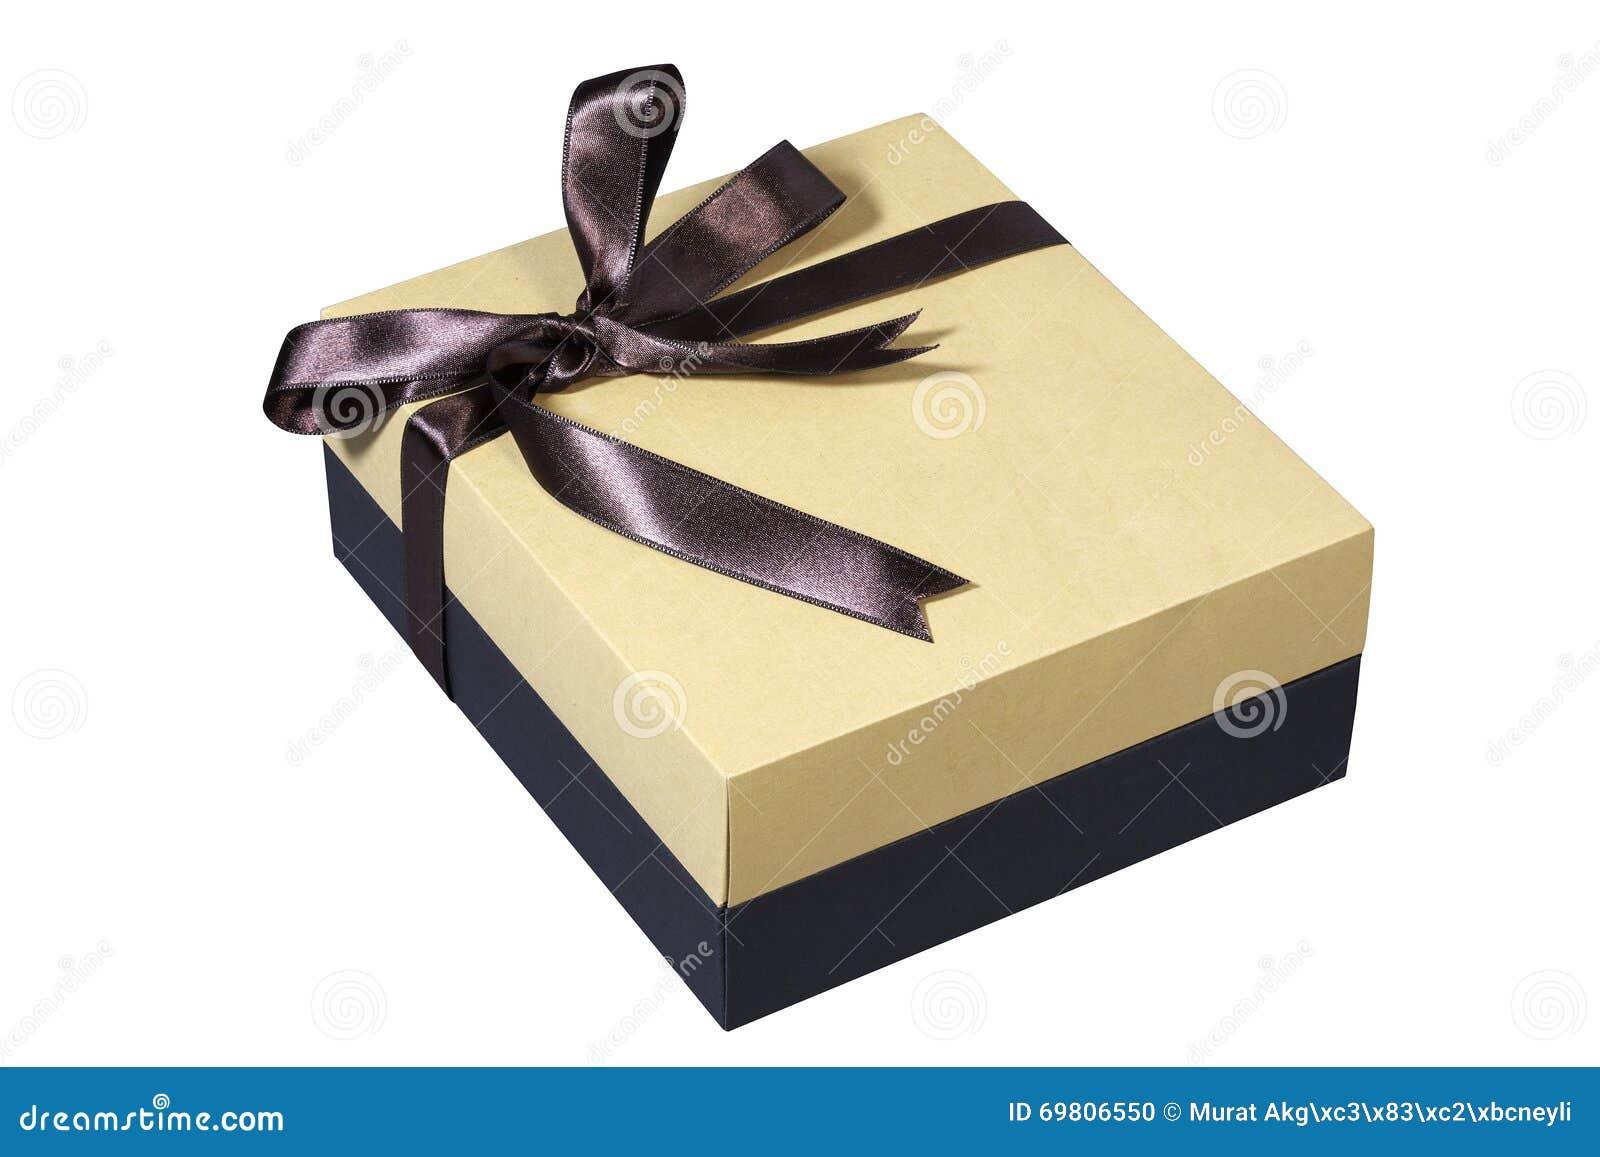 Geschenkbox Mit Bogen Für Geschenke Auf Weihnachten, Geburtstag Oder ...